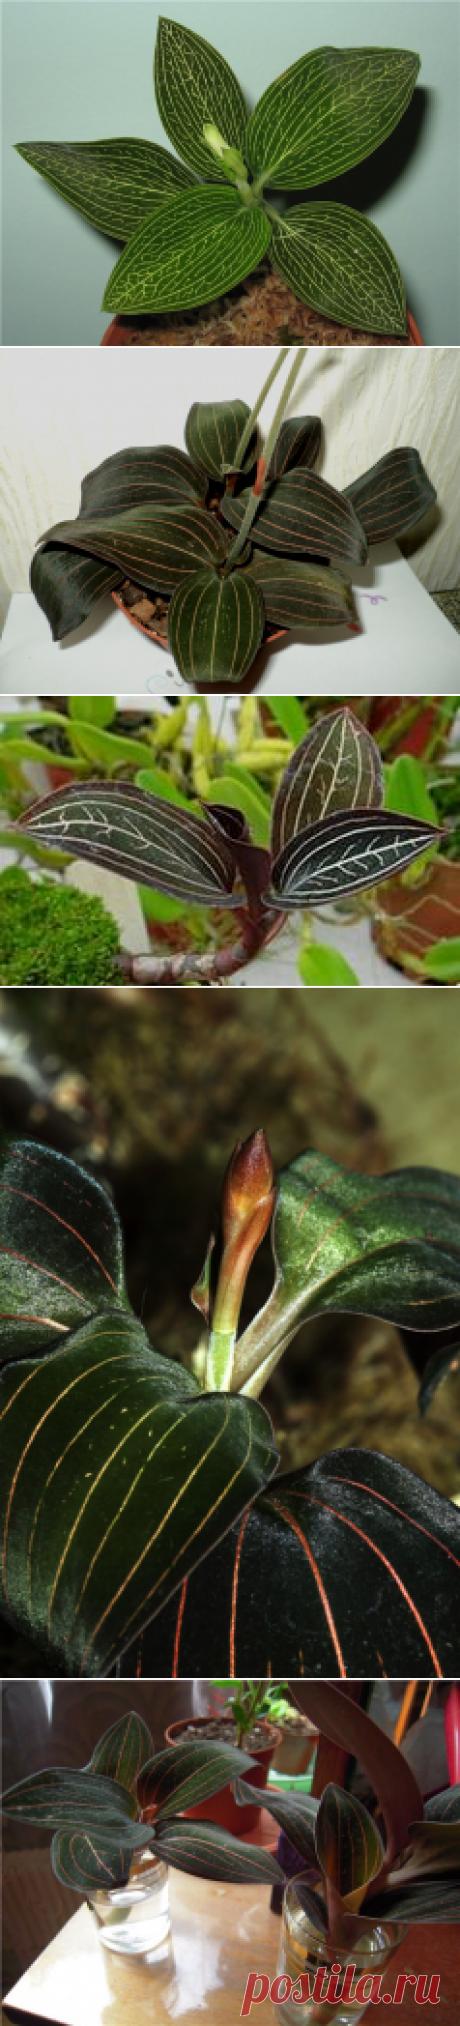 Орхидея Лудизия - уход в домашних условиях | Цветовод-Консалтинг